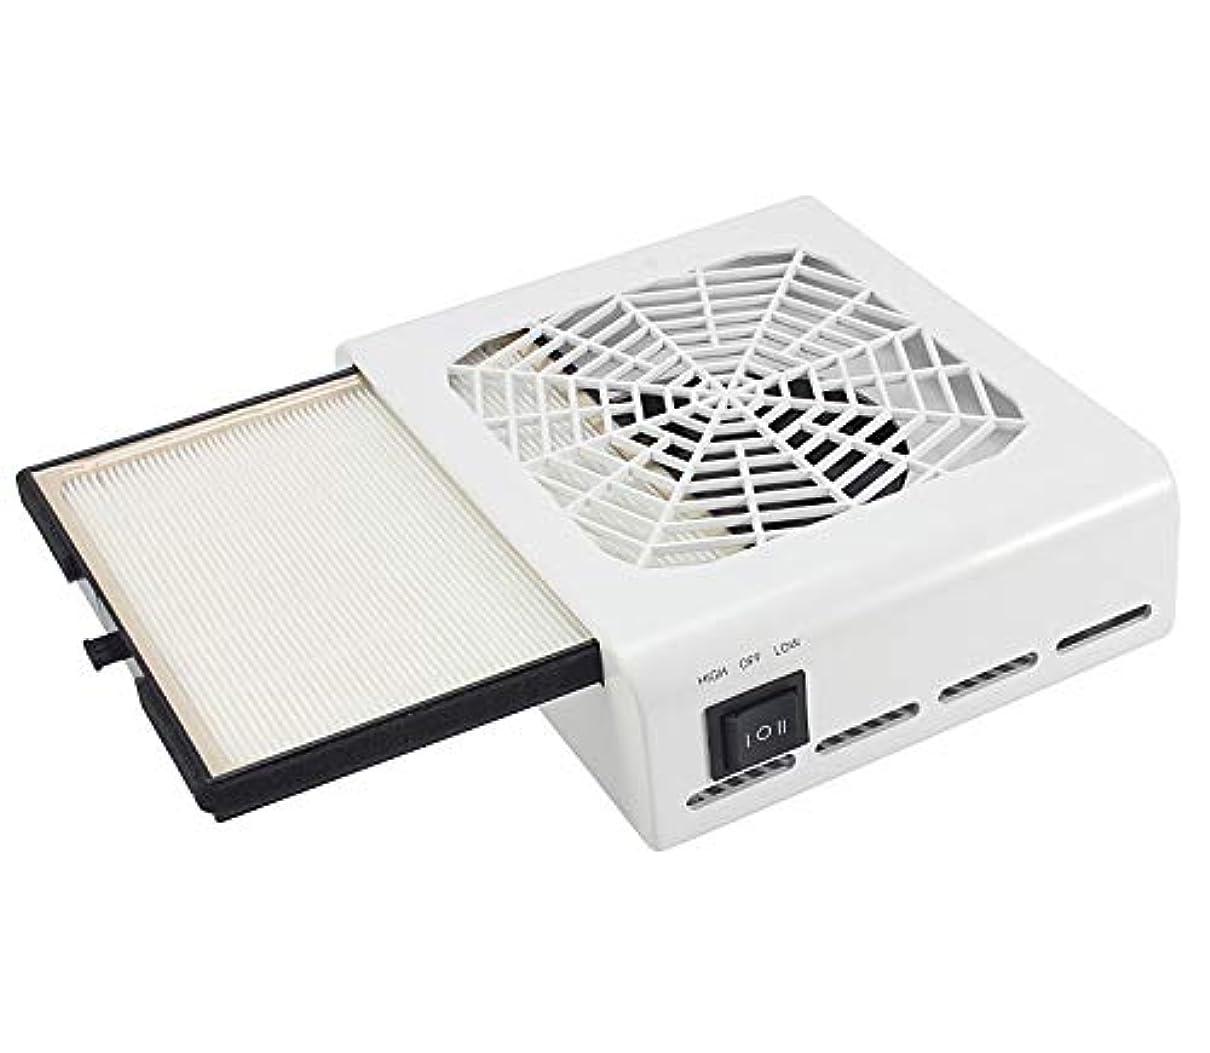 誤解させる嘆願リムネイルダスト 集塵機 ジェルネイル ネイル機器 最新版 セルフネイル 低騒音 110V 40W パワー調節可能 白